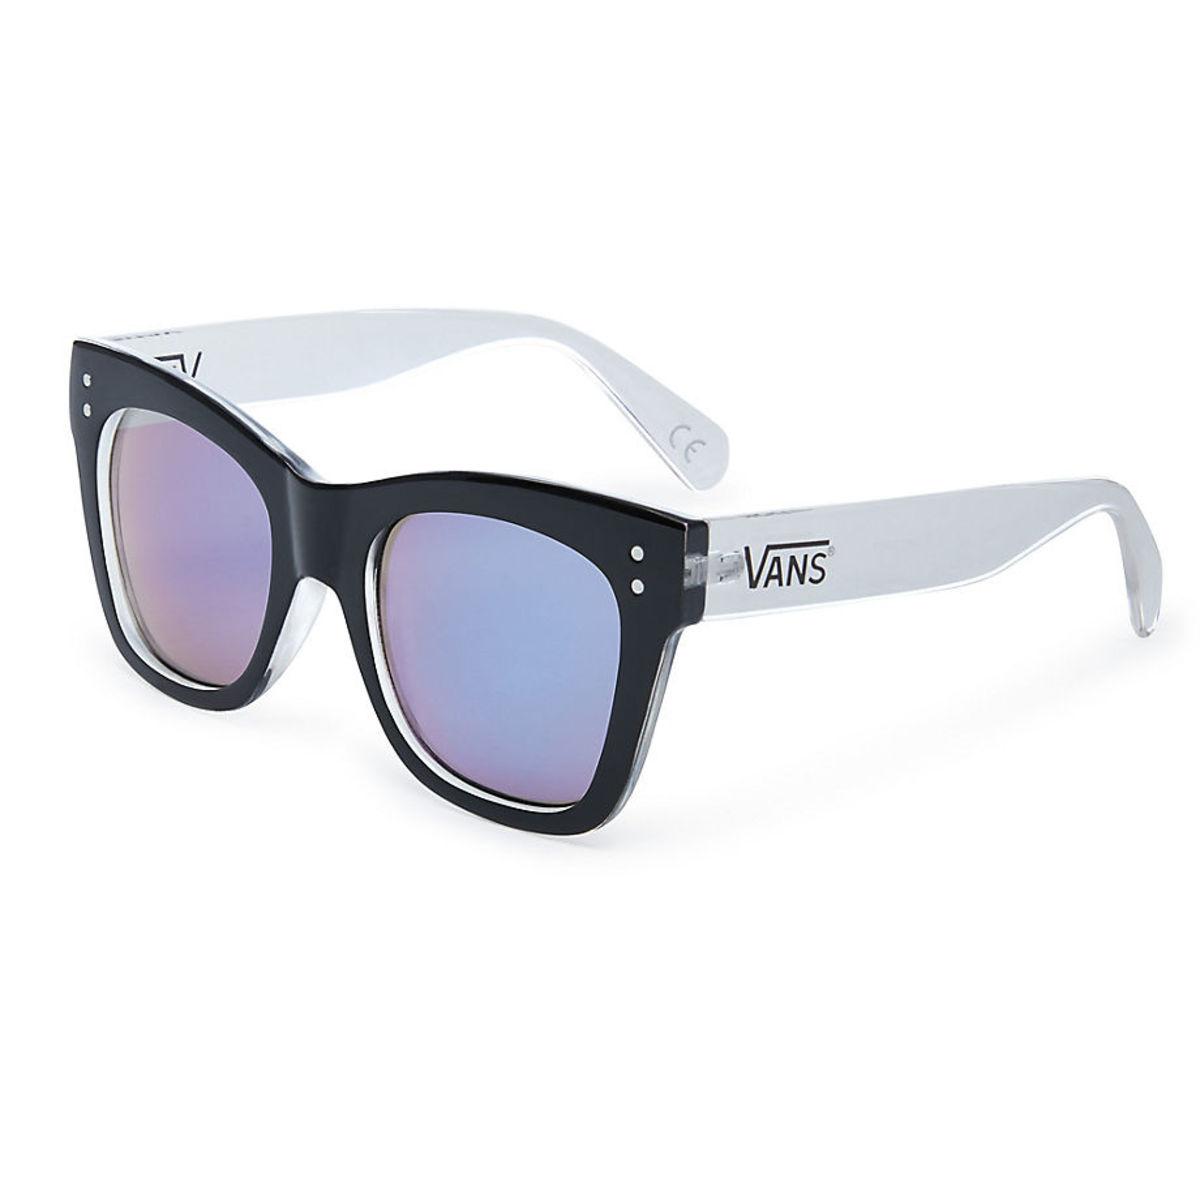 bd2c14715345 Sunglasses VANS - WM SUNNY DAZY - Black / Clear - VA3AJ3BCQ - metal ...